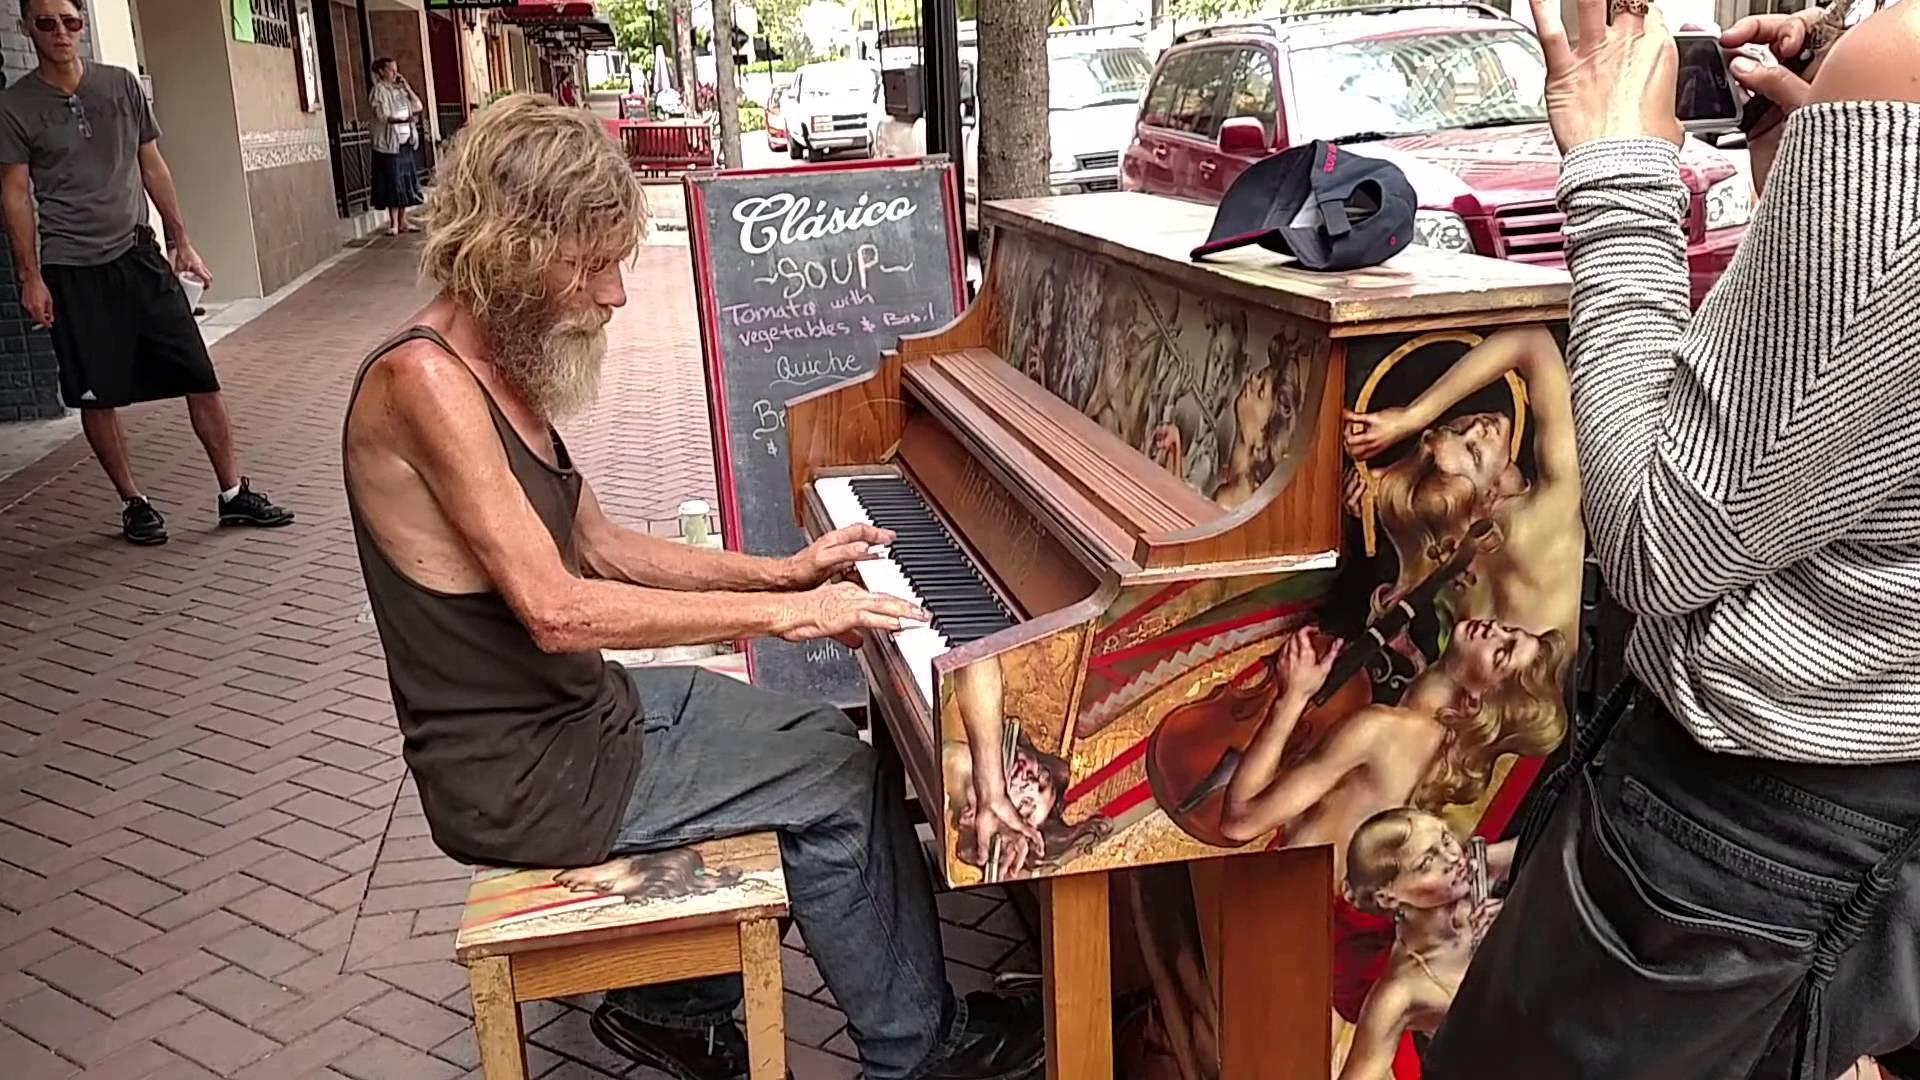 مشرد يعزف البيانو بشكل رائع بأحد شوارع فلوريدا بأمريكا